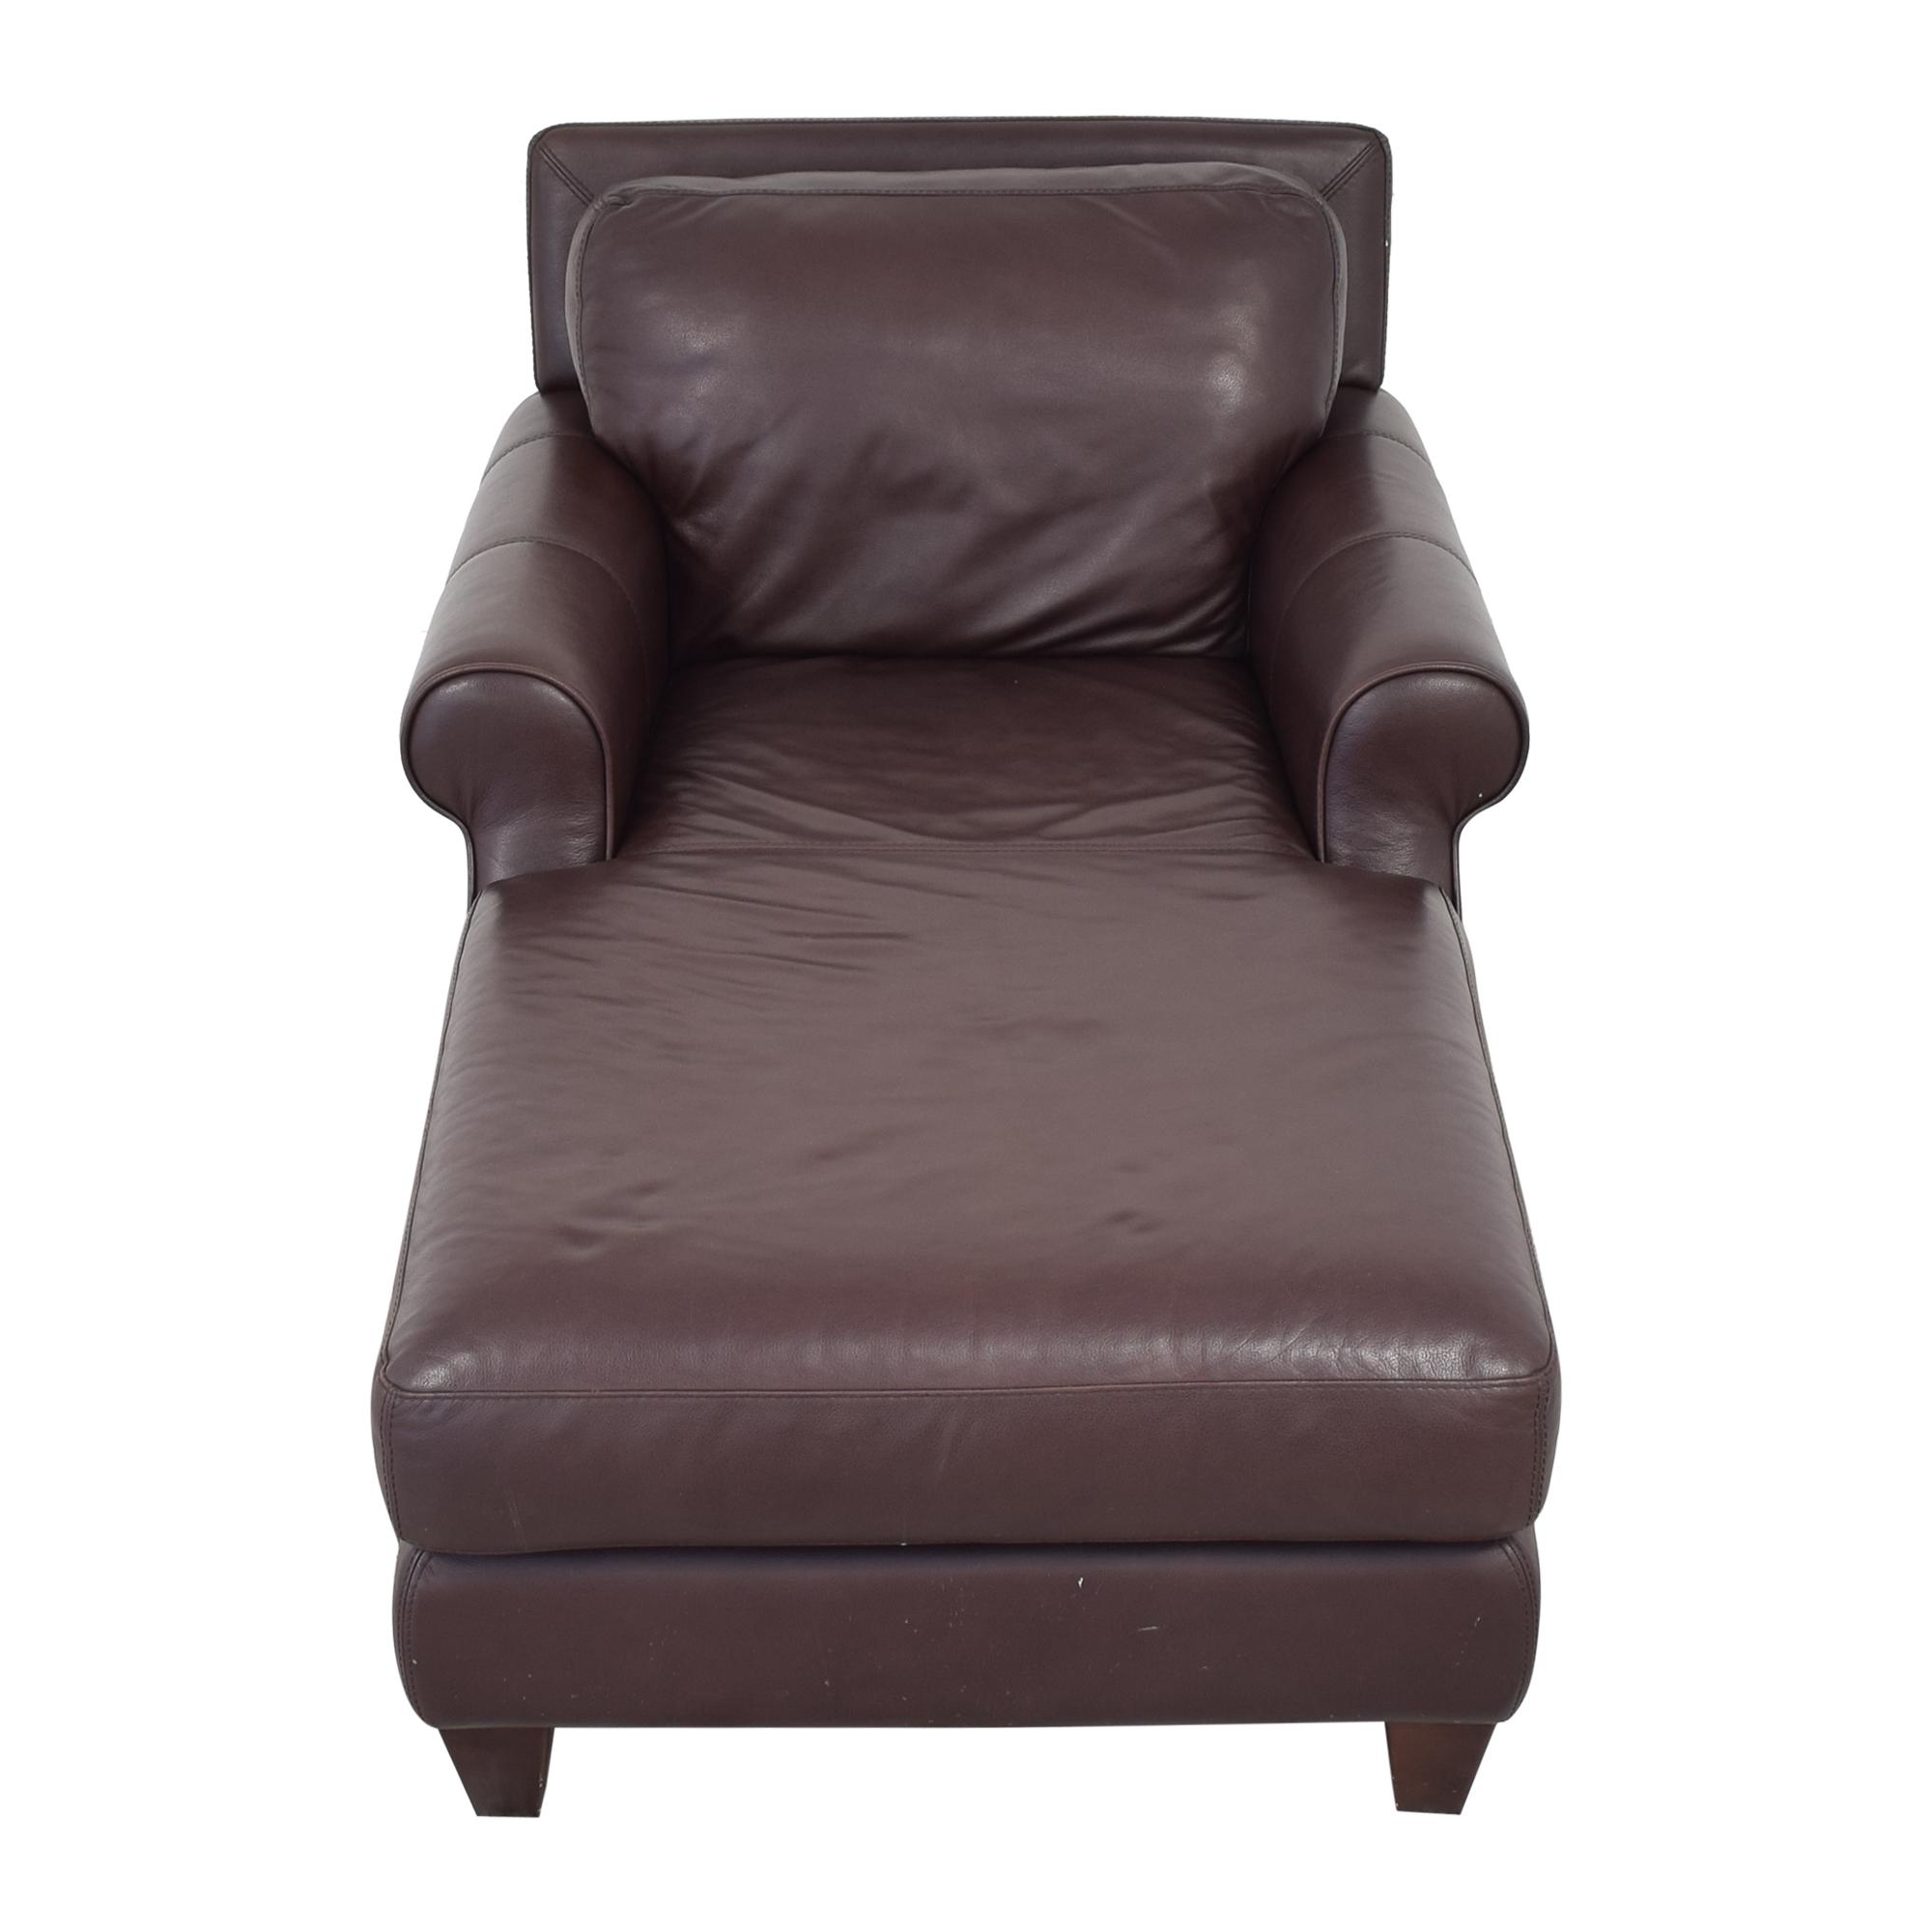 buy Chateau d'Ax Roll Arm Chaise Chair Chateau d'Ax Sofas